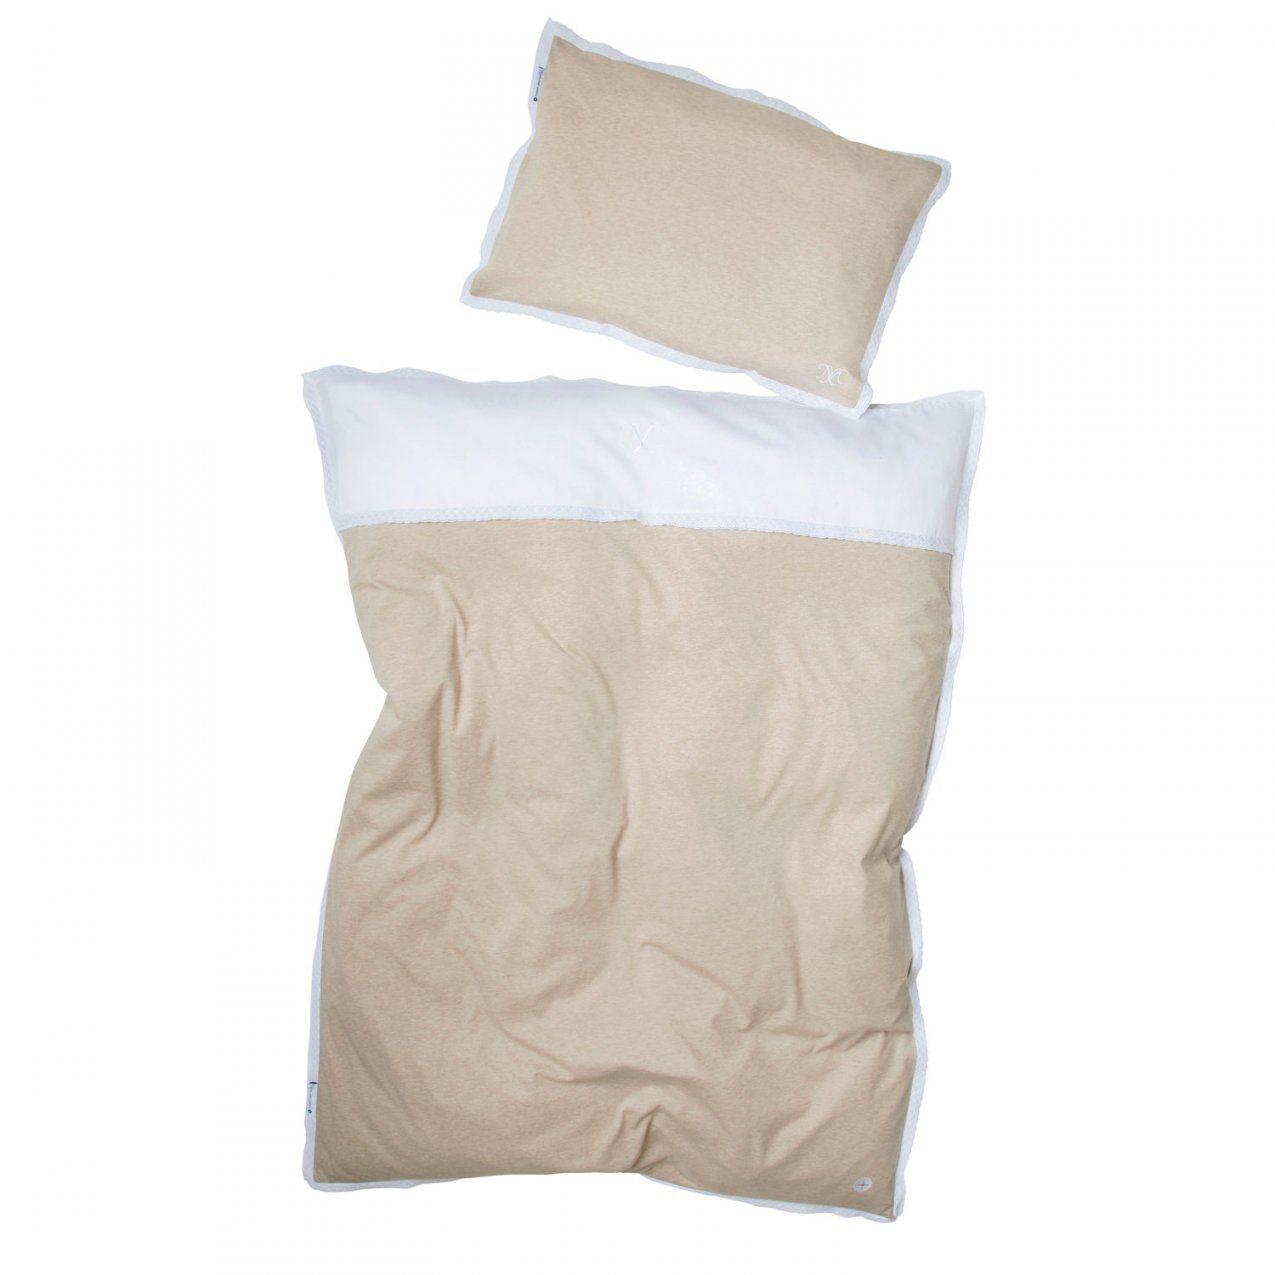 Bettwäsche Beige Spitze Aus 100% Baumwolle Hochwertige Qualität von Bettwäsche Mit Spitze Photo